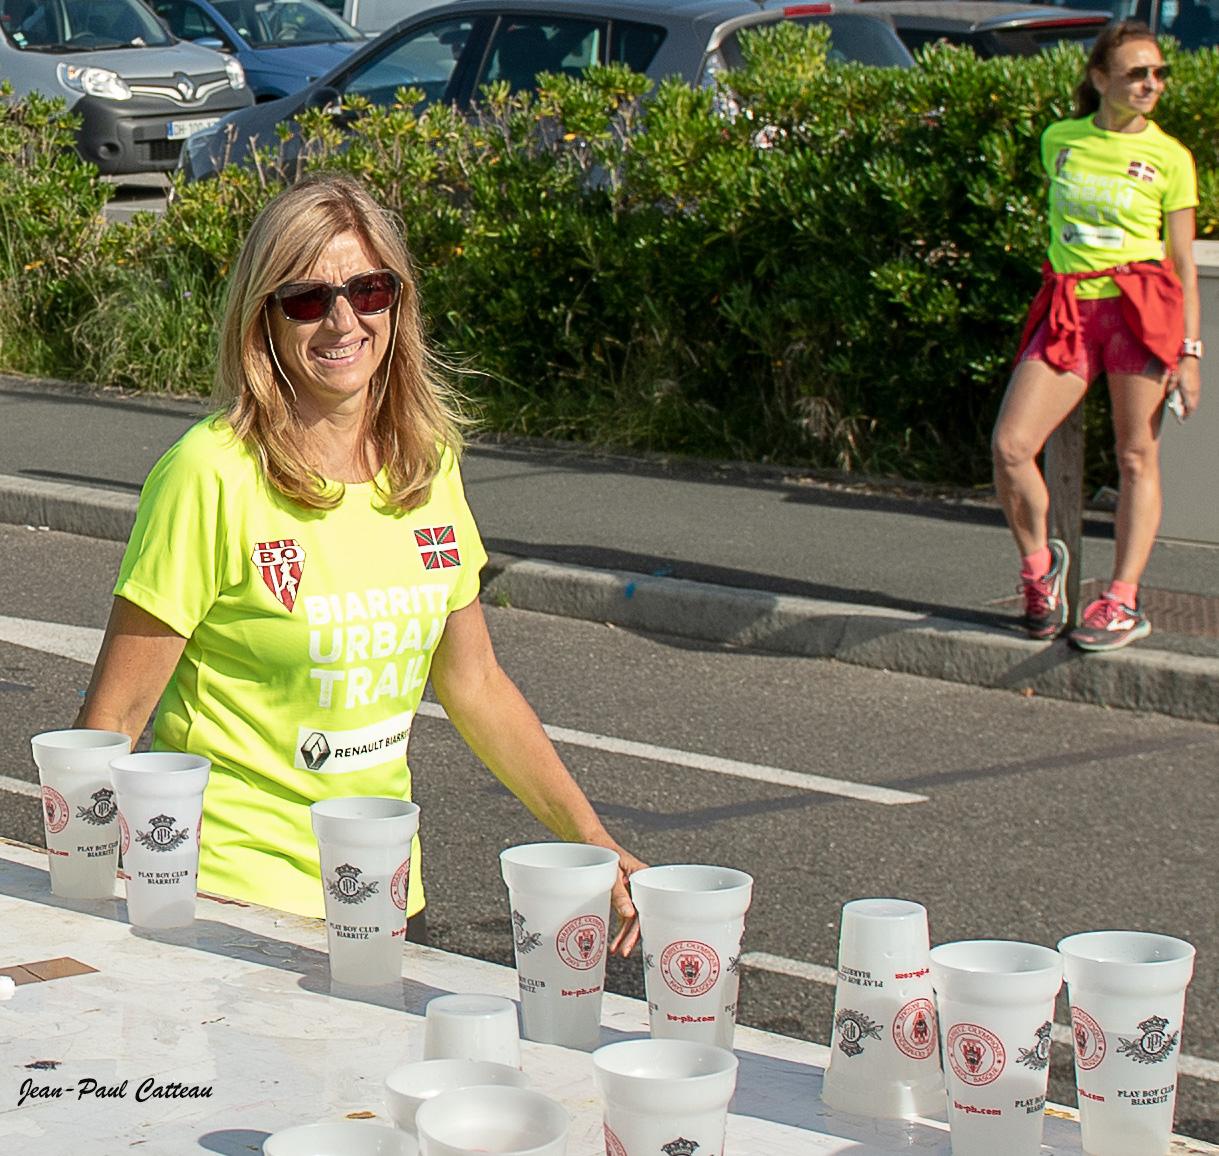 Marathon_de_Biarritz_-_Cité_Océan_-_24_juin_2018_12